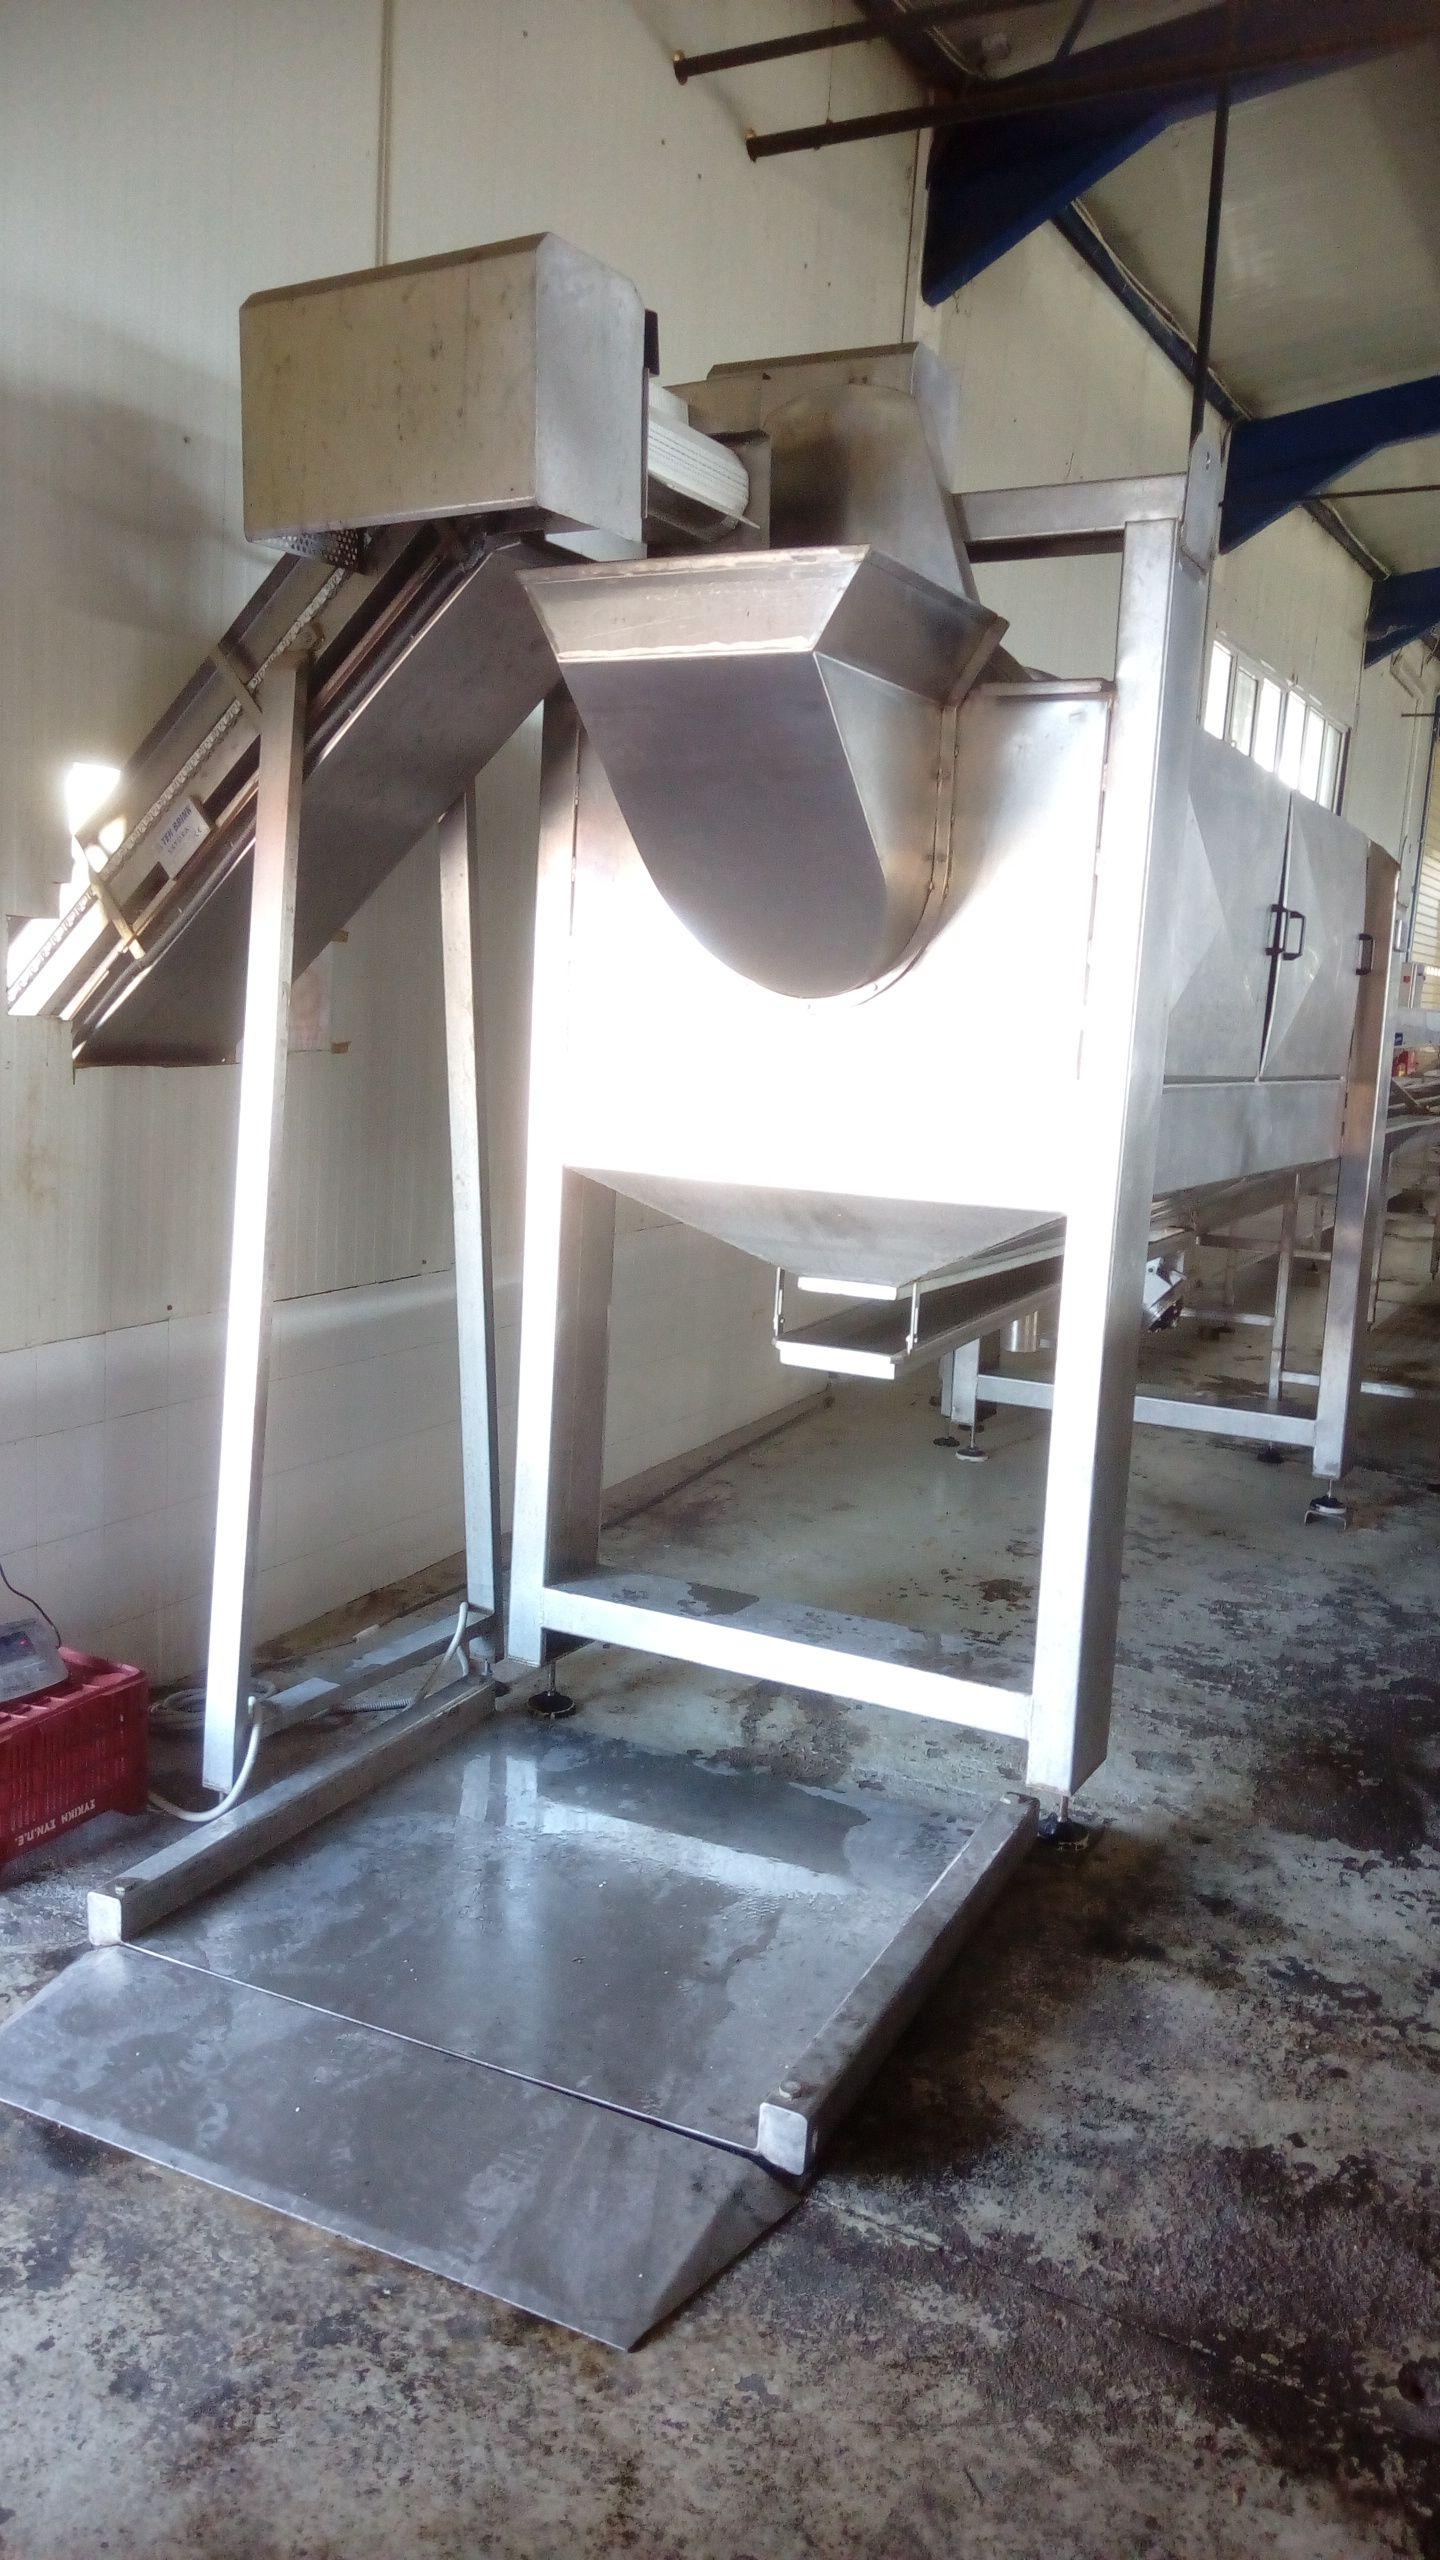 02/06 - Trommelwaschmaschine